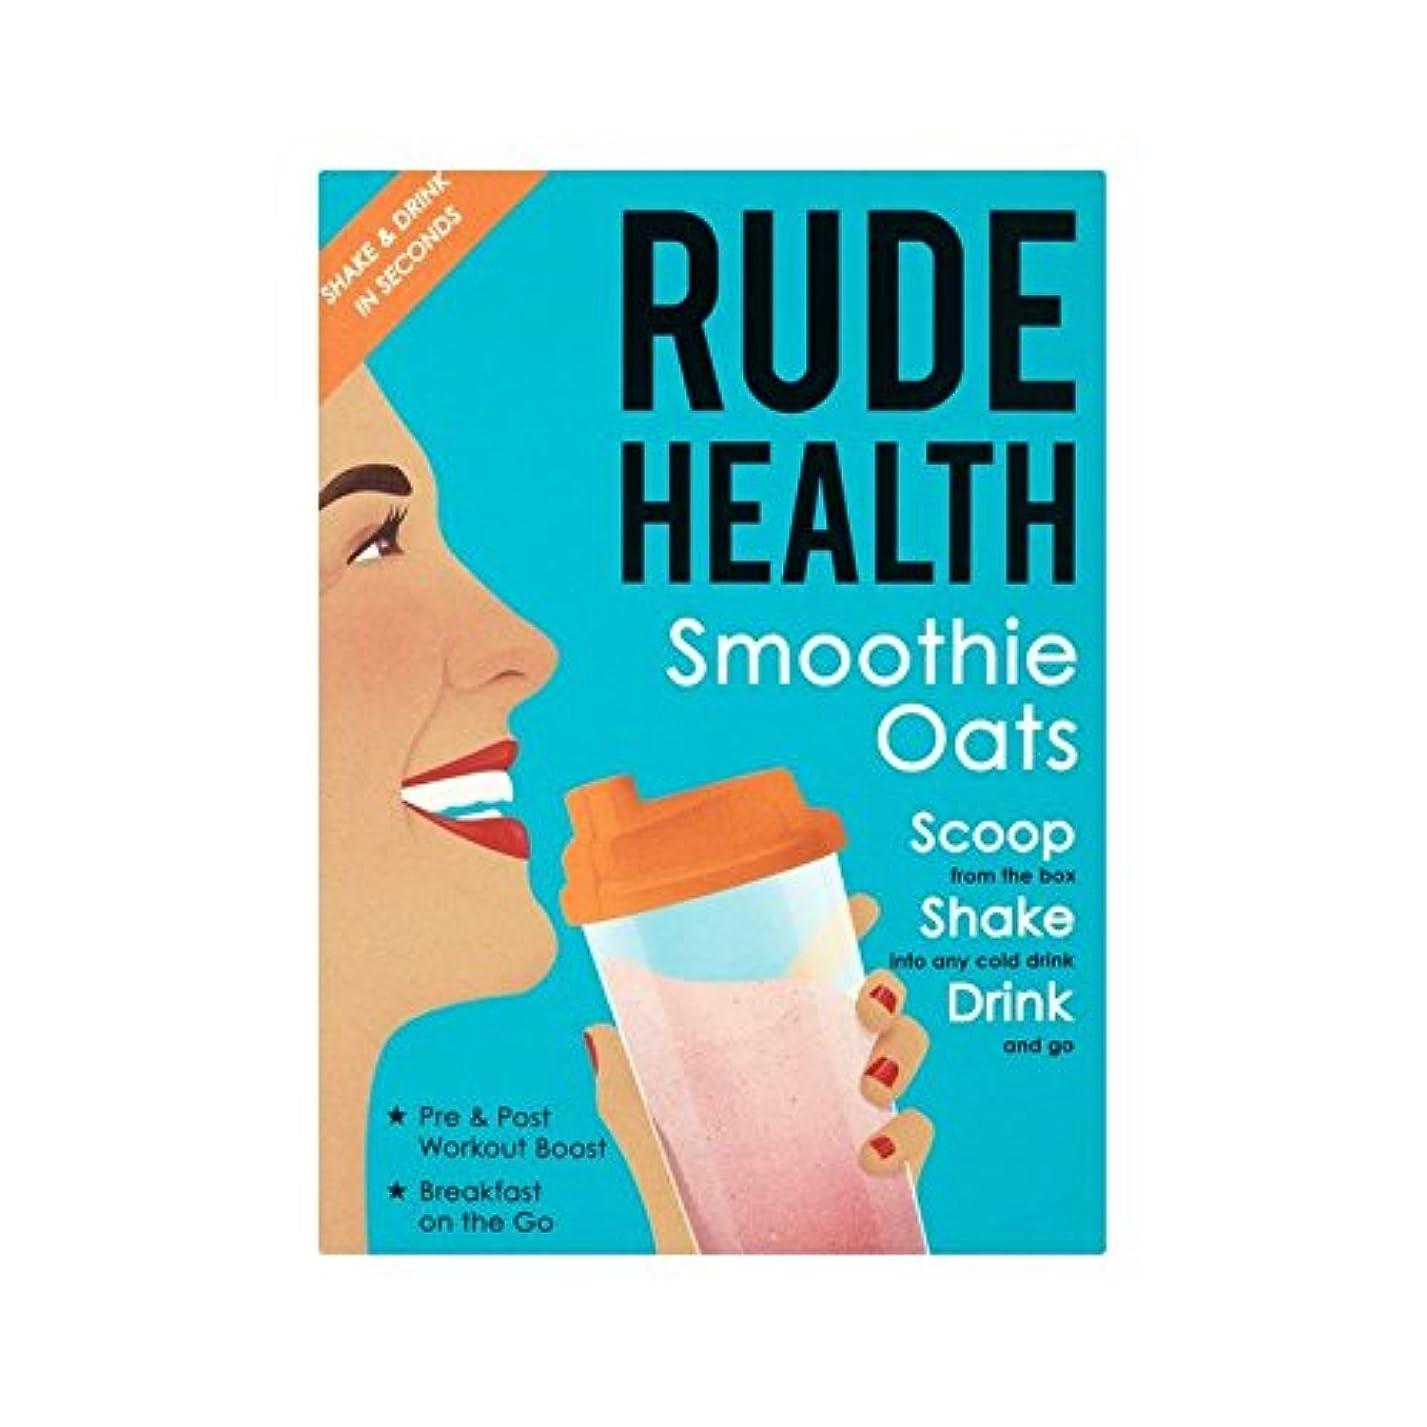 批判環境に優しい気分スムージーオート麦250グラム (Rude Health) - Rude Health Smoothie Oats 250g [並行輸入品]